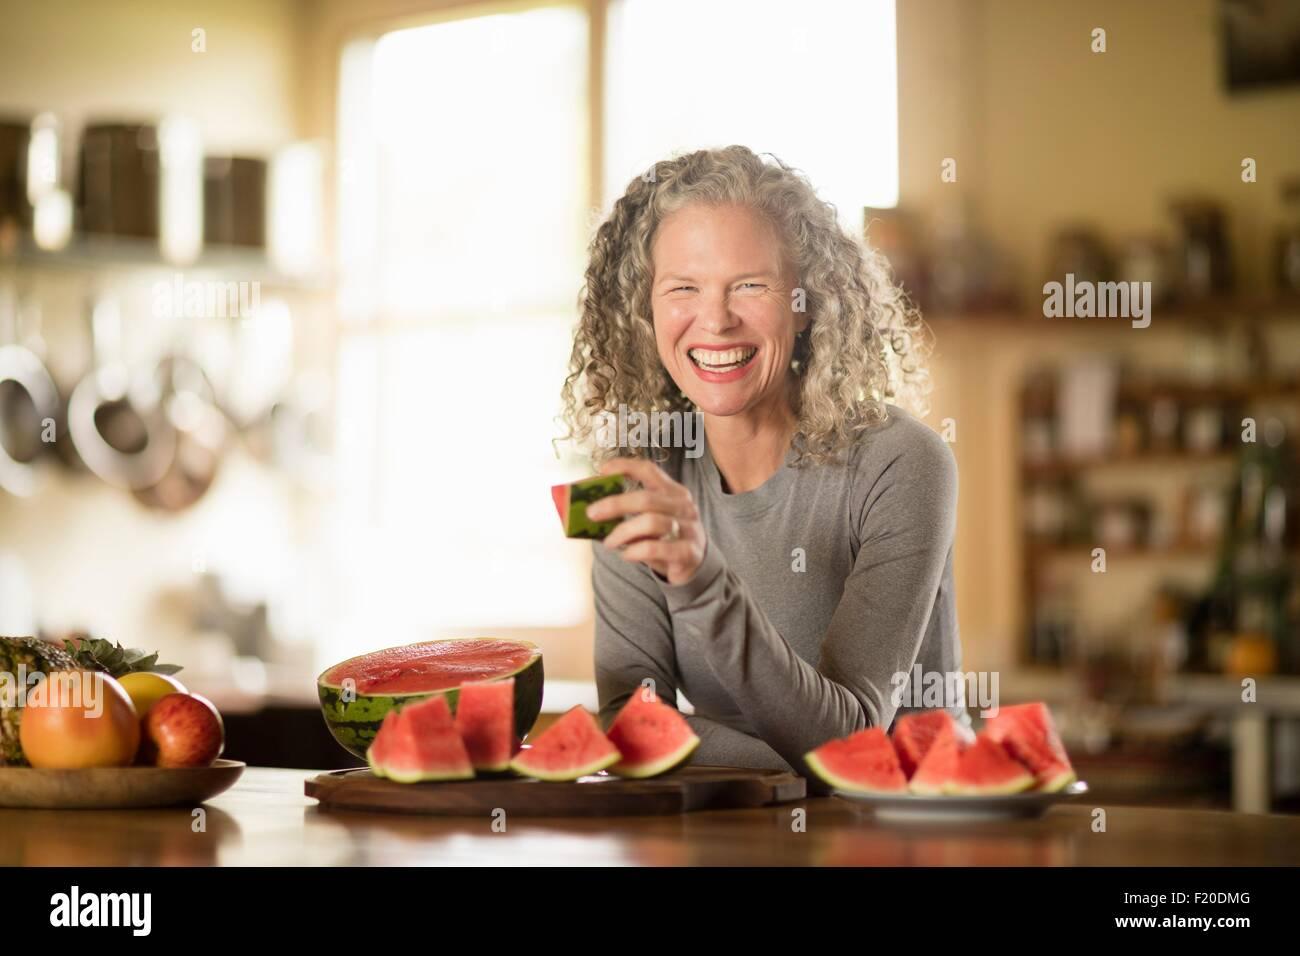 Porträt von Reife Frau Essen Wassermelone in Küche Stockbild